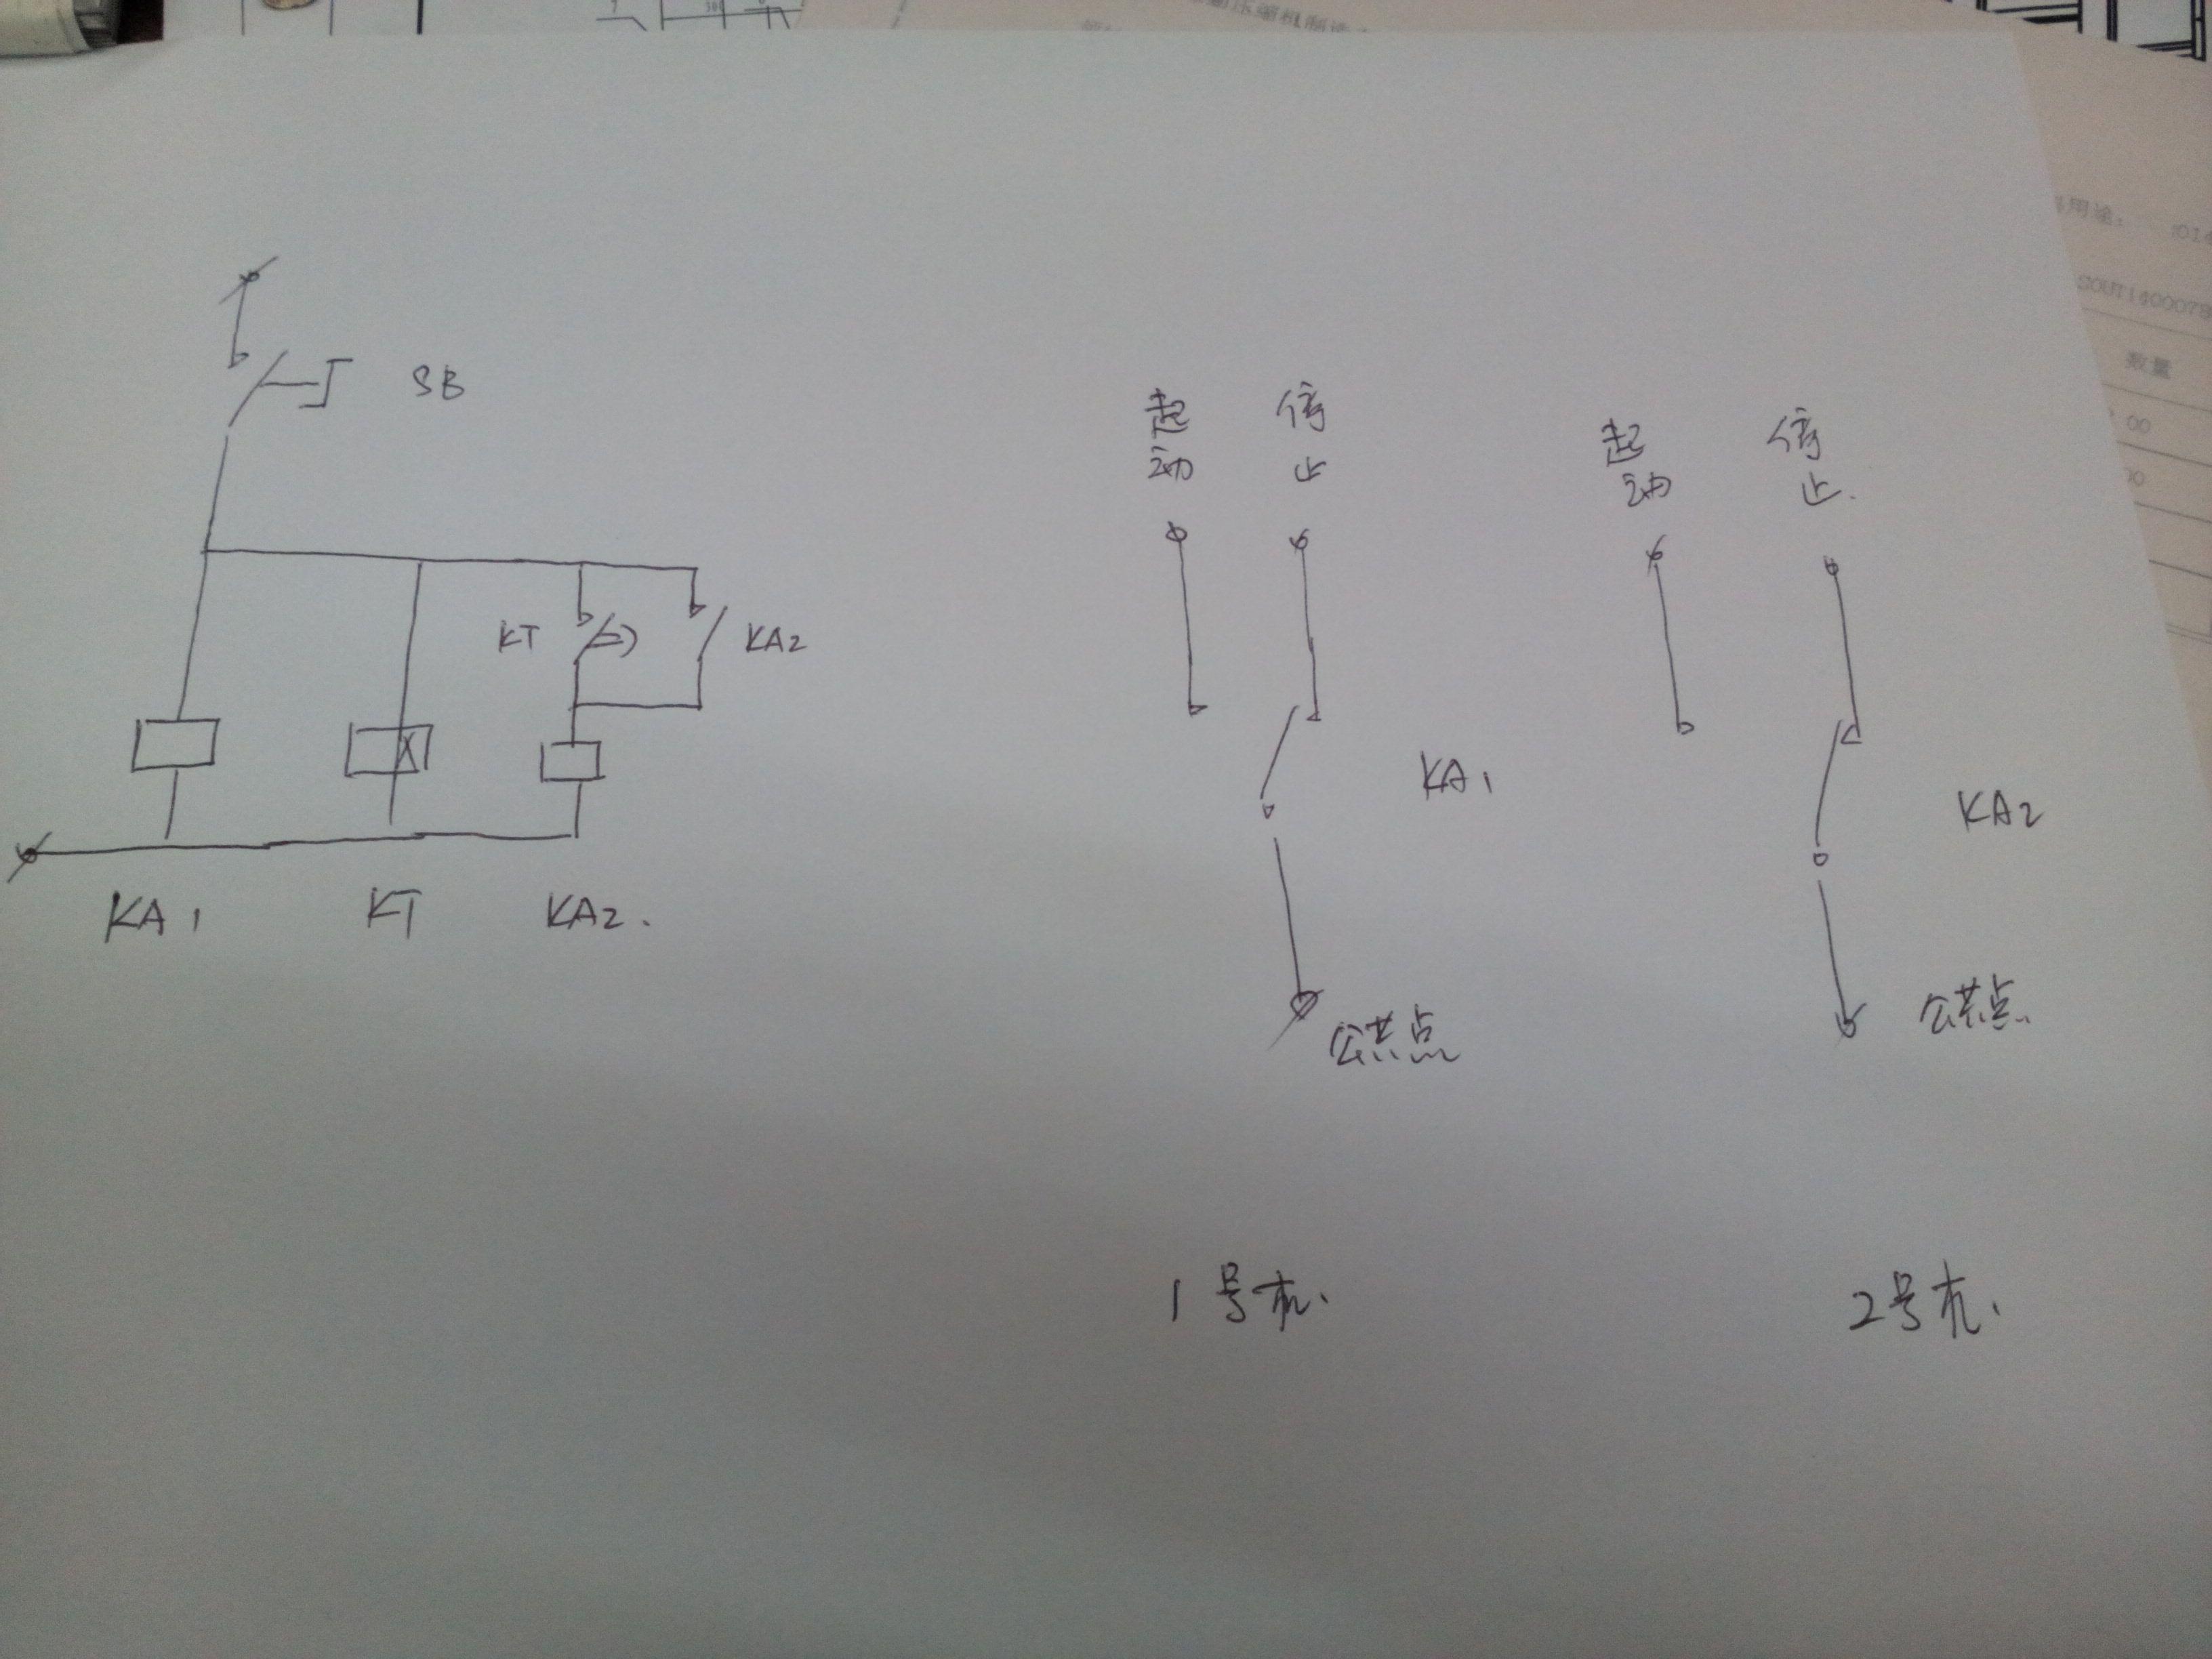 两台空压机并联想加个延时器让一台正常启动一台延时启动两台同时停止